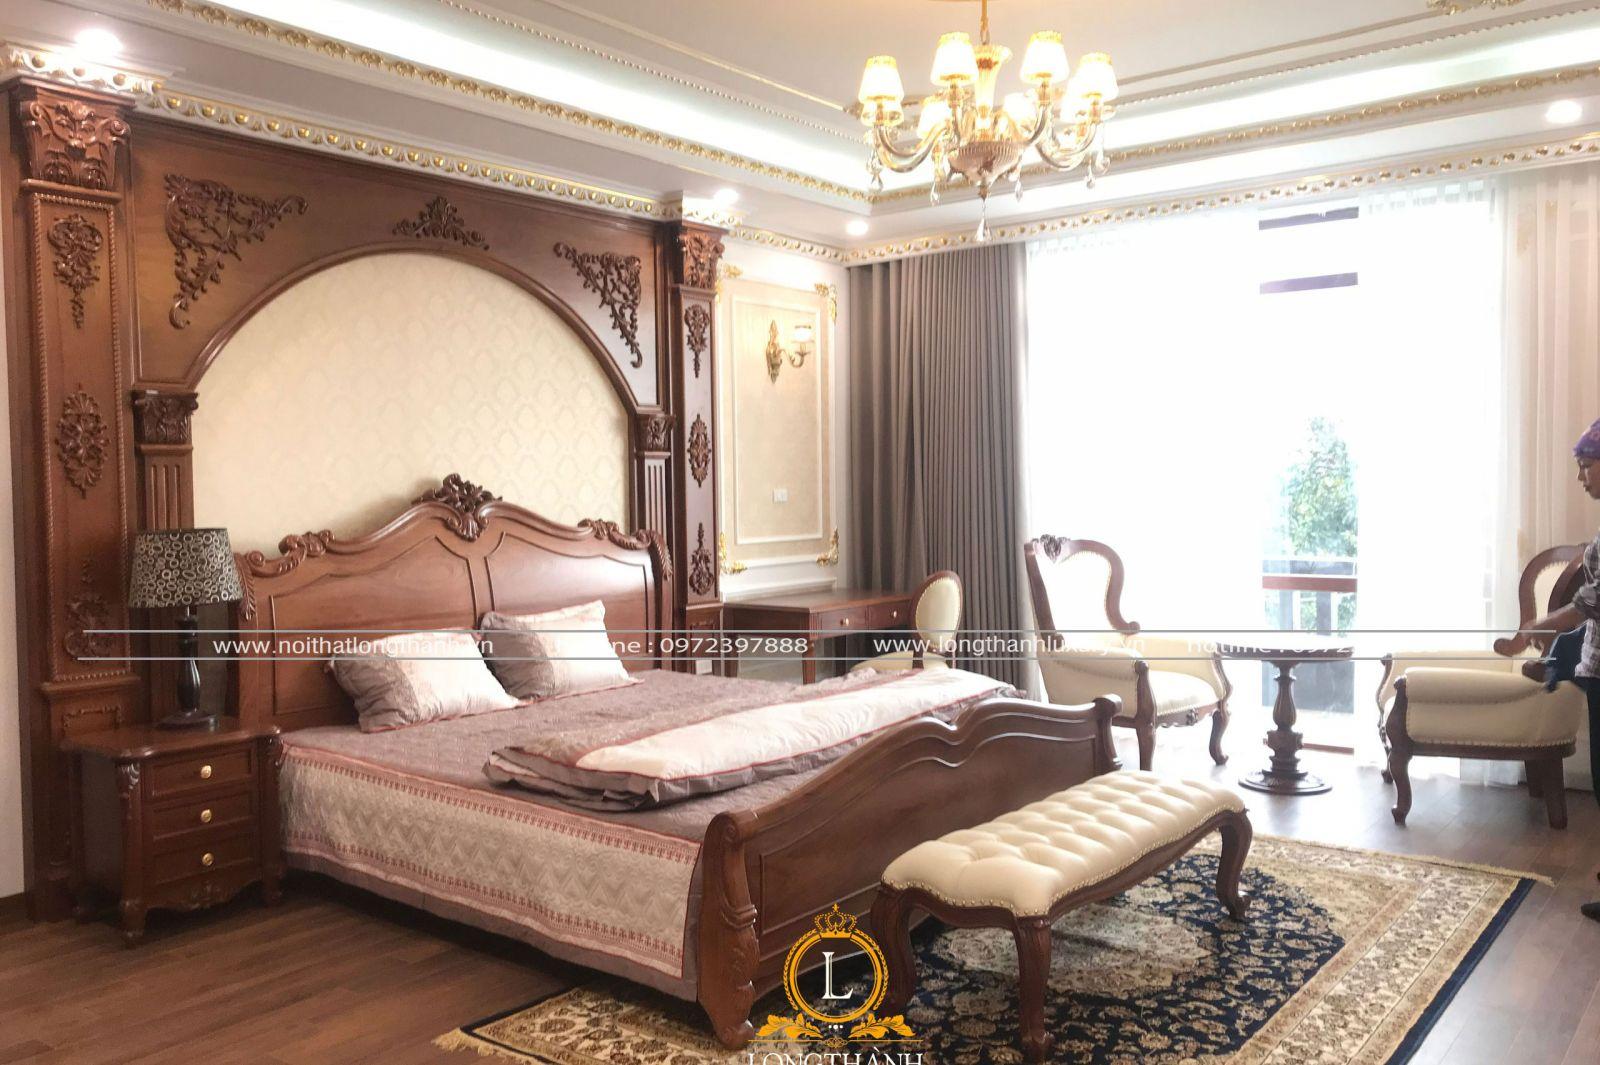 Dự án thiết kế thi công nội thất phòng ngủ chị Hằng TP Bắc Giang